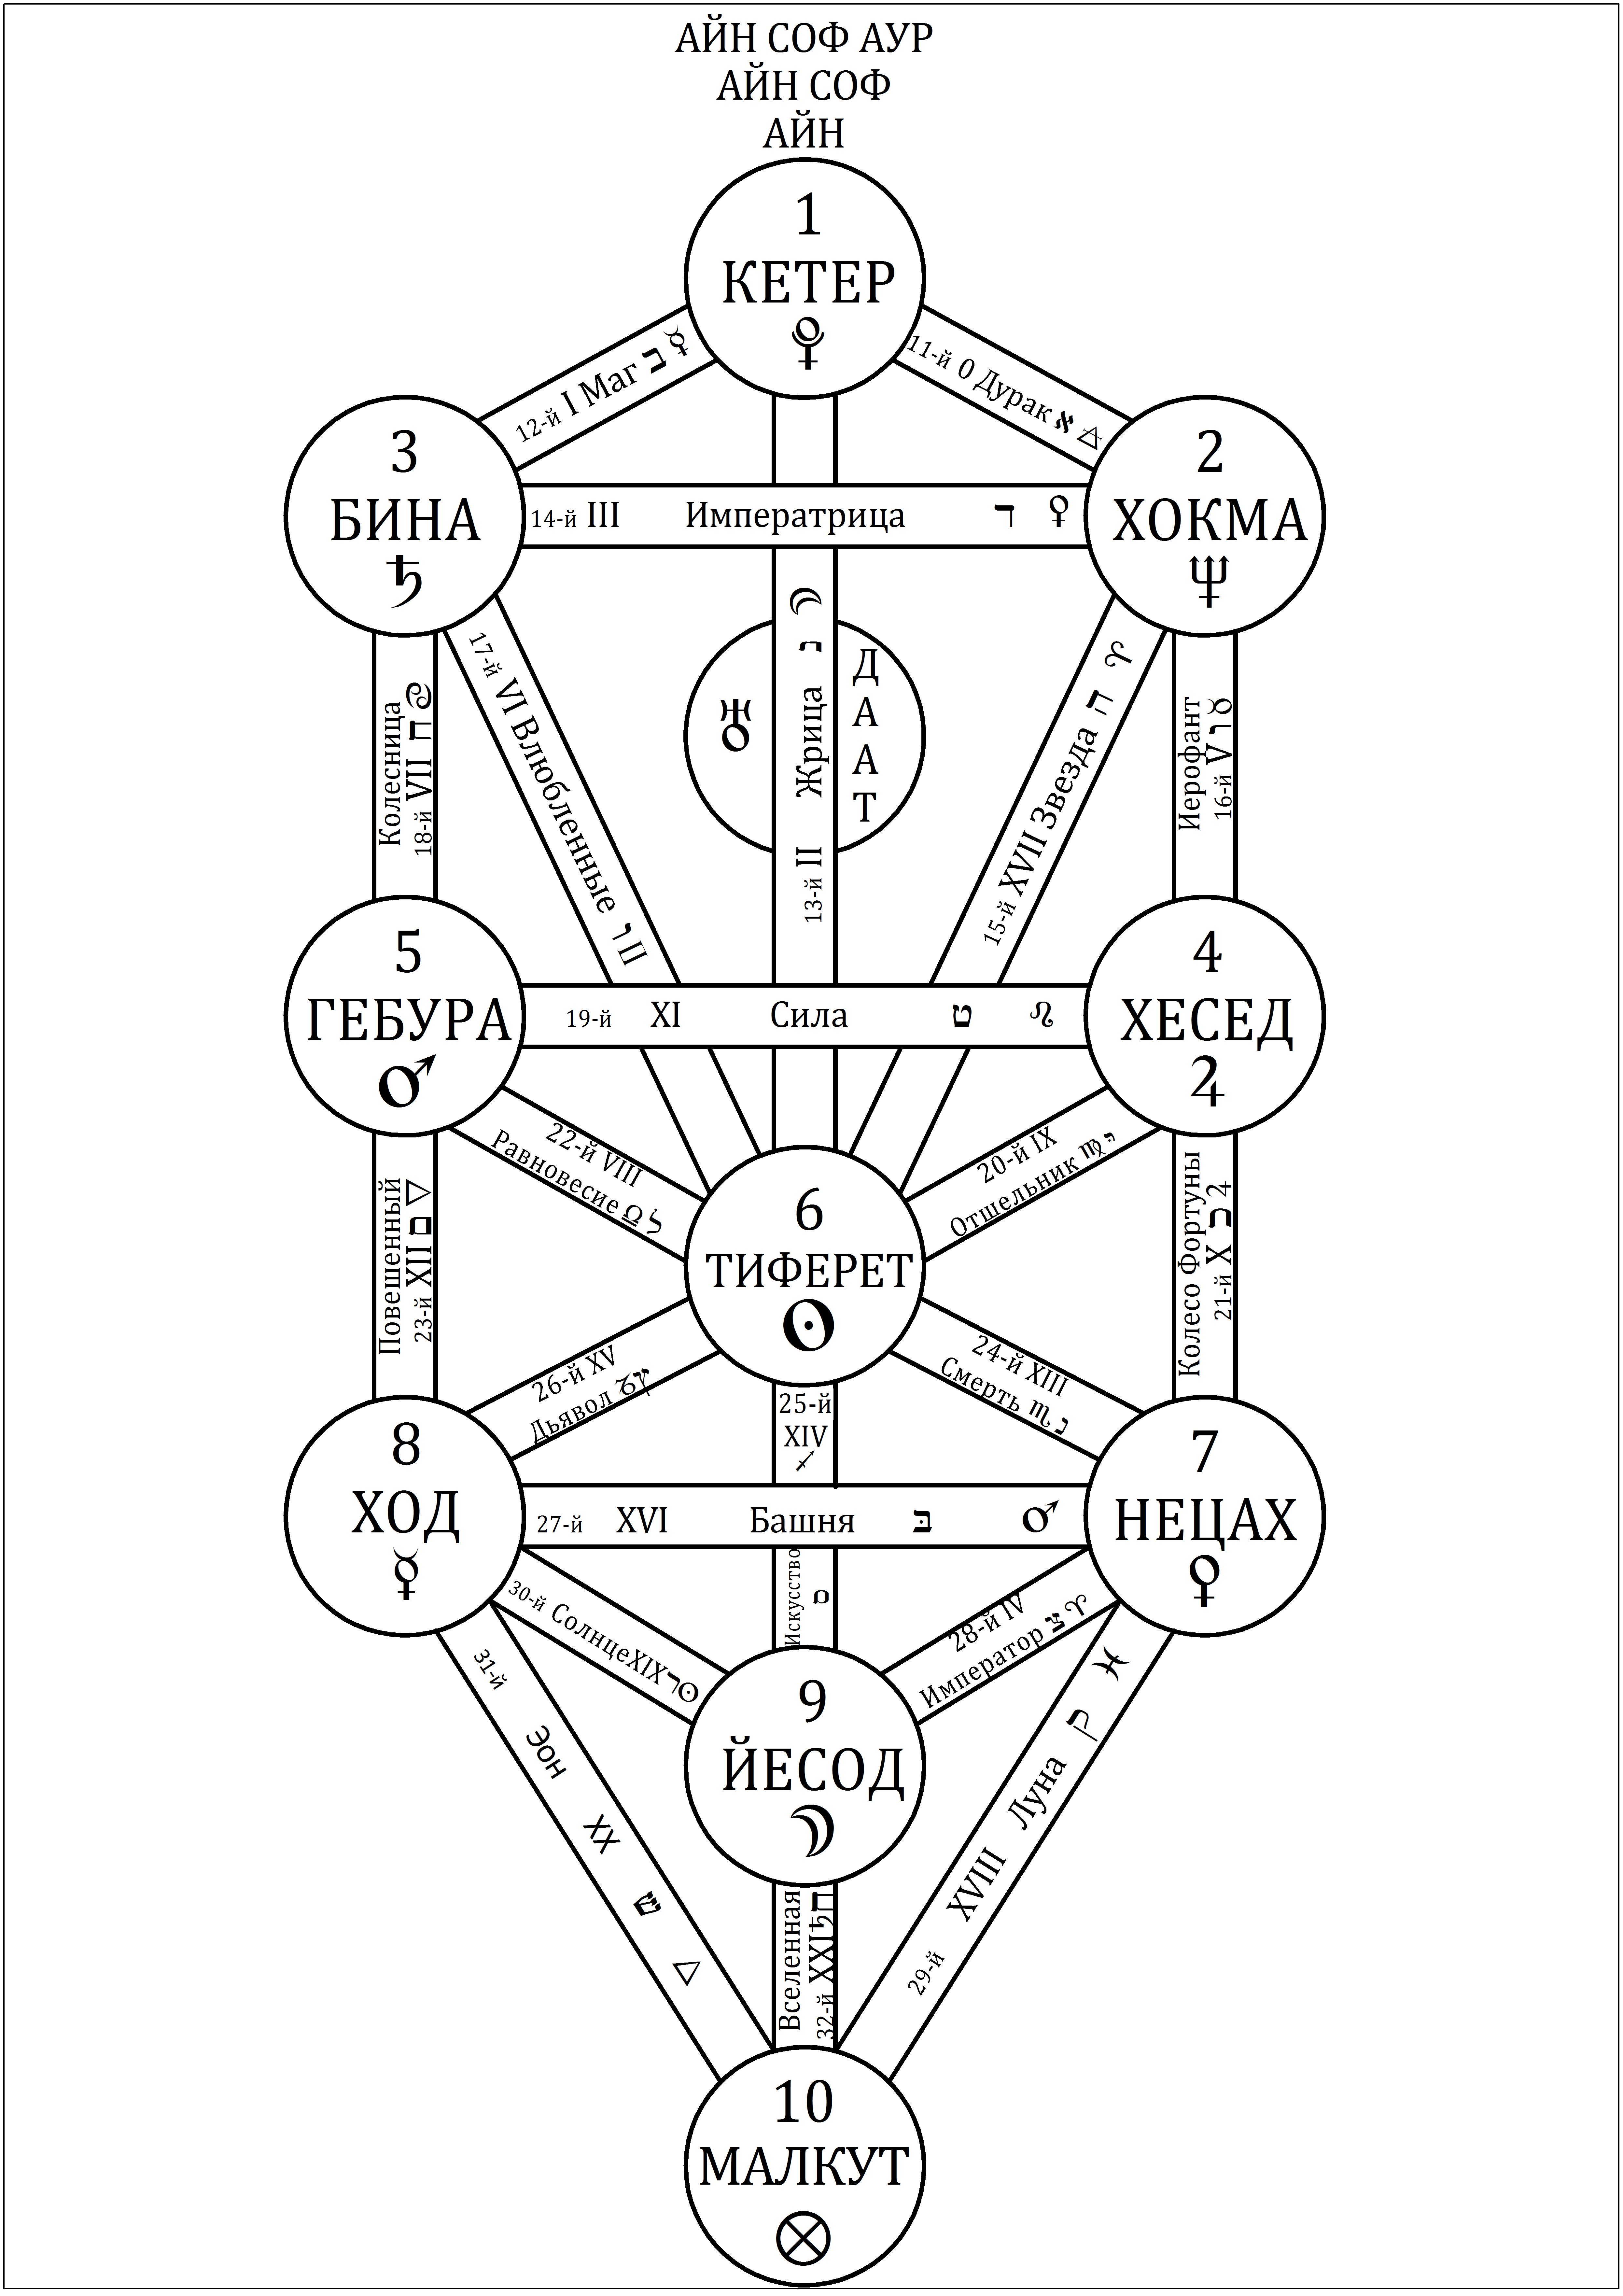 Каббалистическое Древо Жизни, демонстрирующее десять Сефирот и двадцать два Пути с их основными астрологическими, элемен